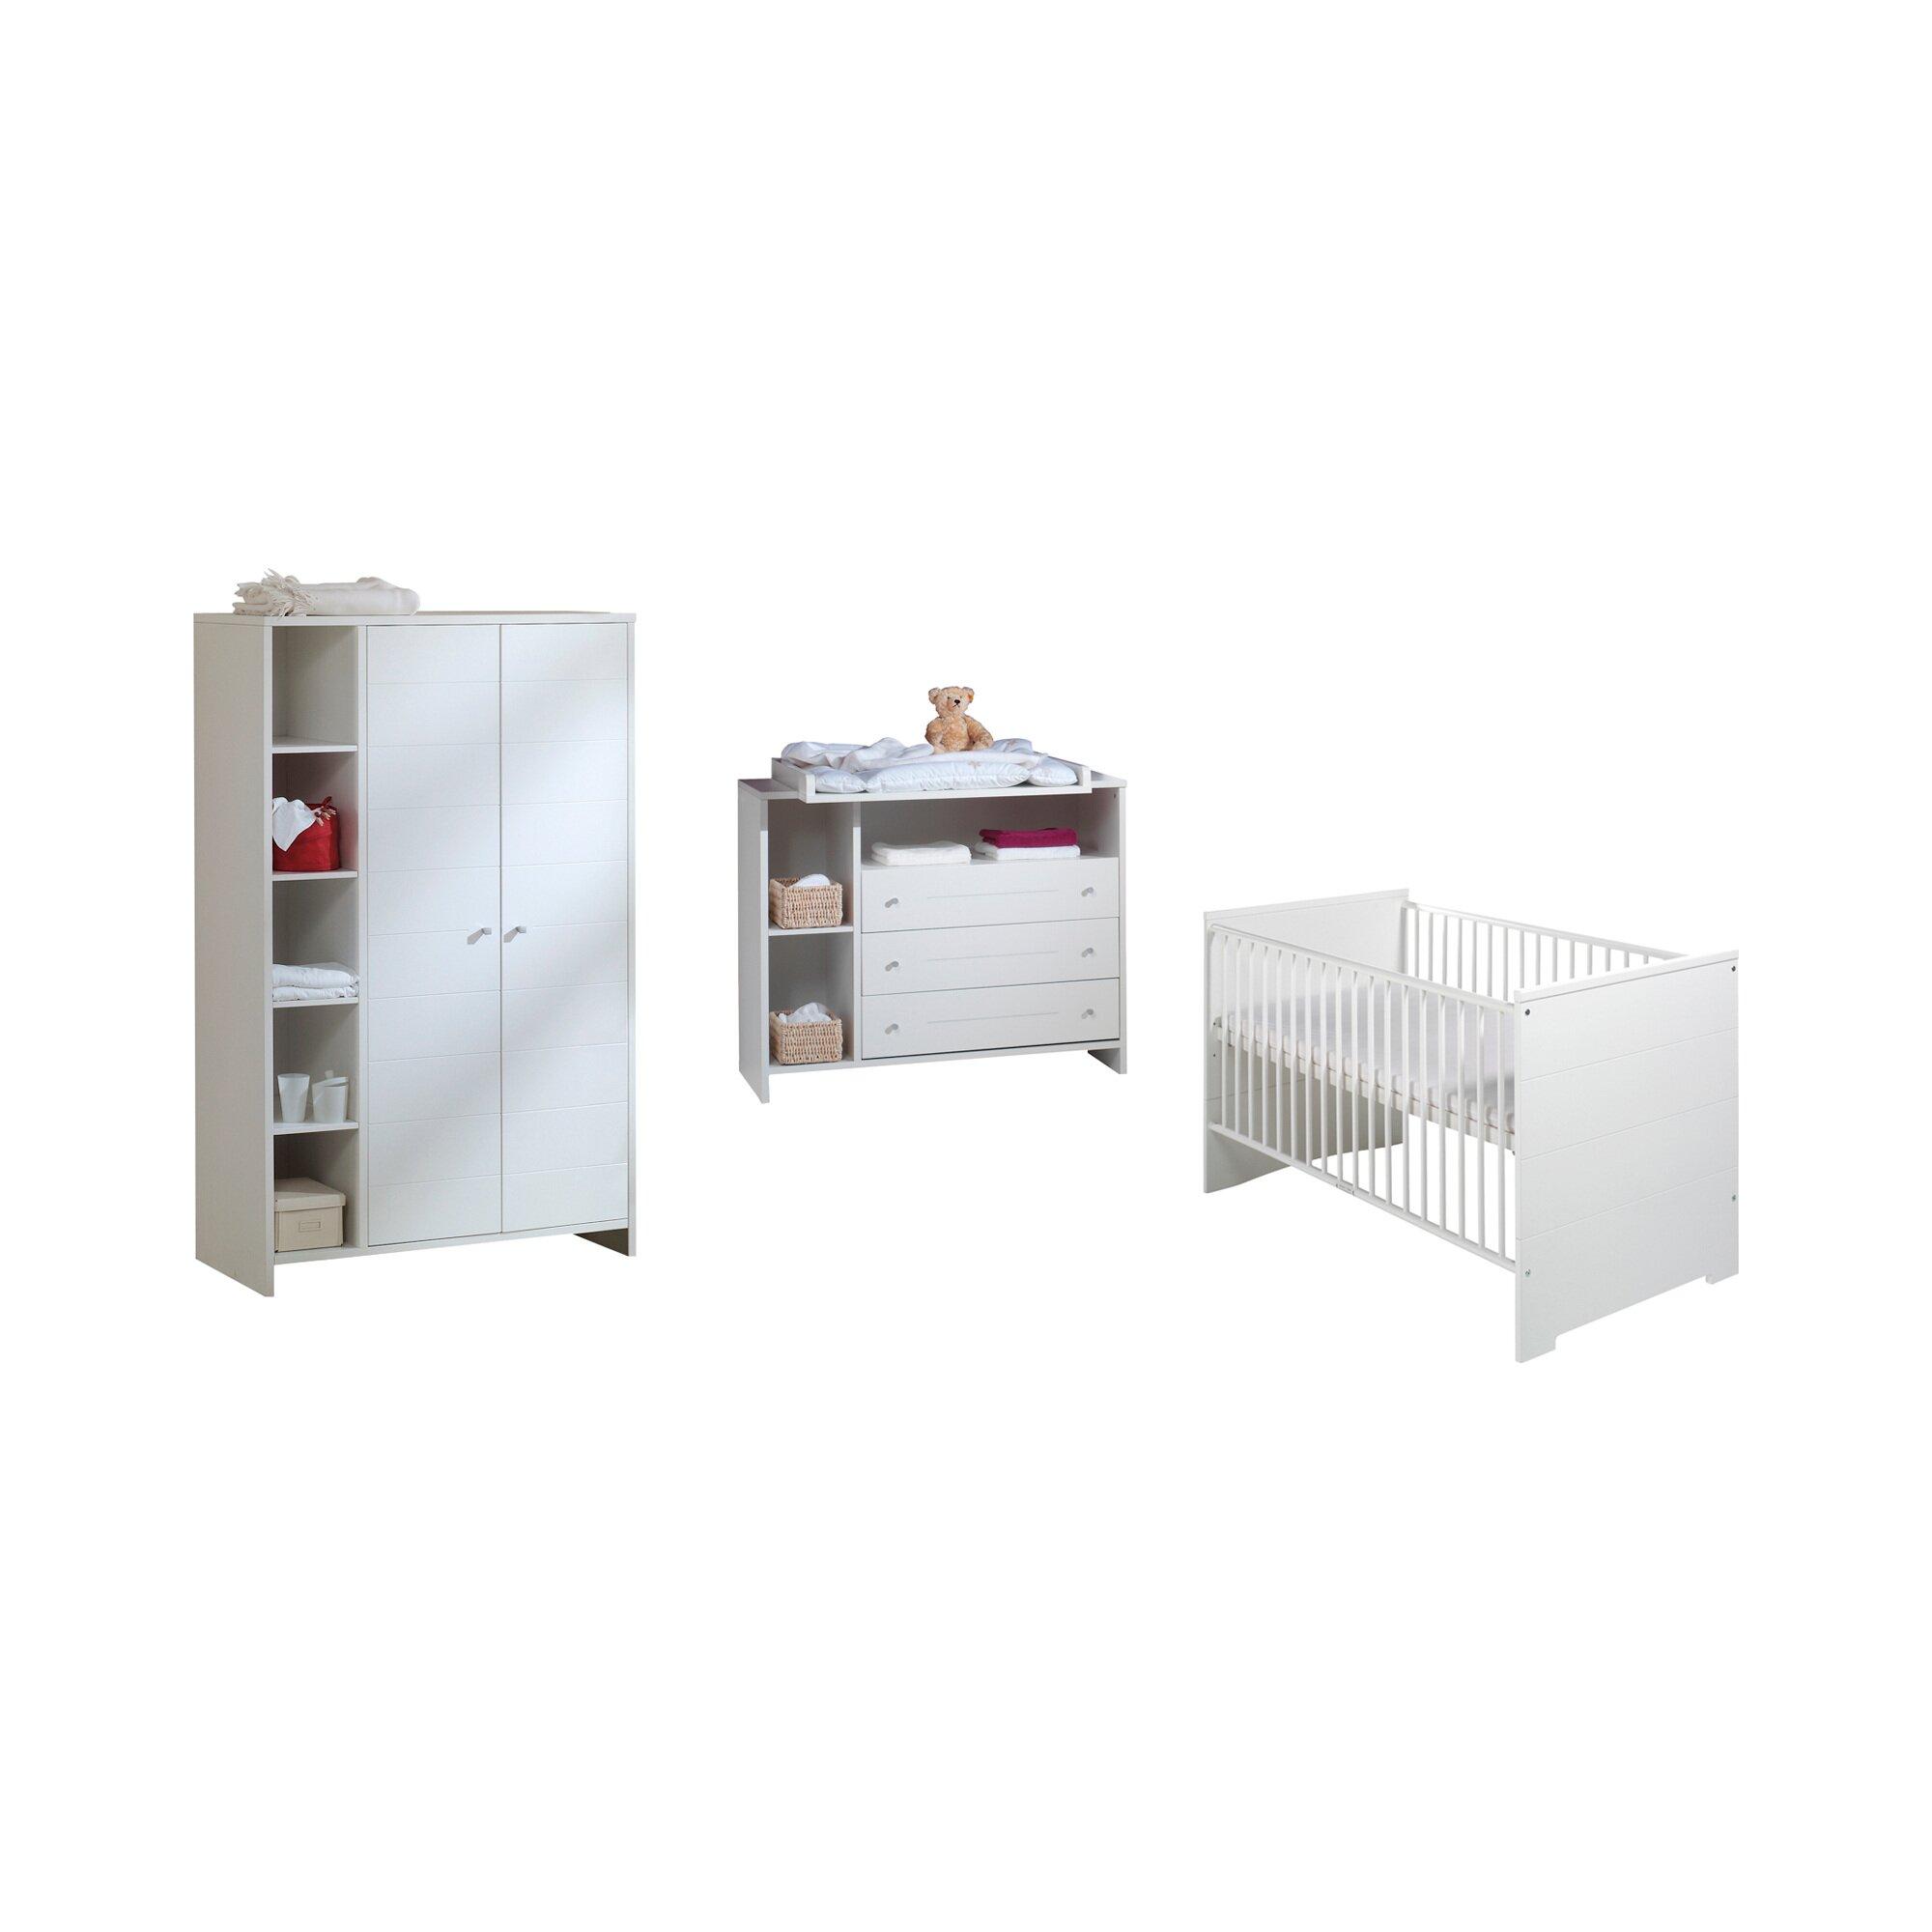 Schardt Kinderzimmer-Set ECO STRIPE (Bett+Wickelkommode+Schrank 2-trg.)